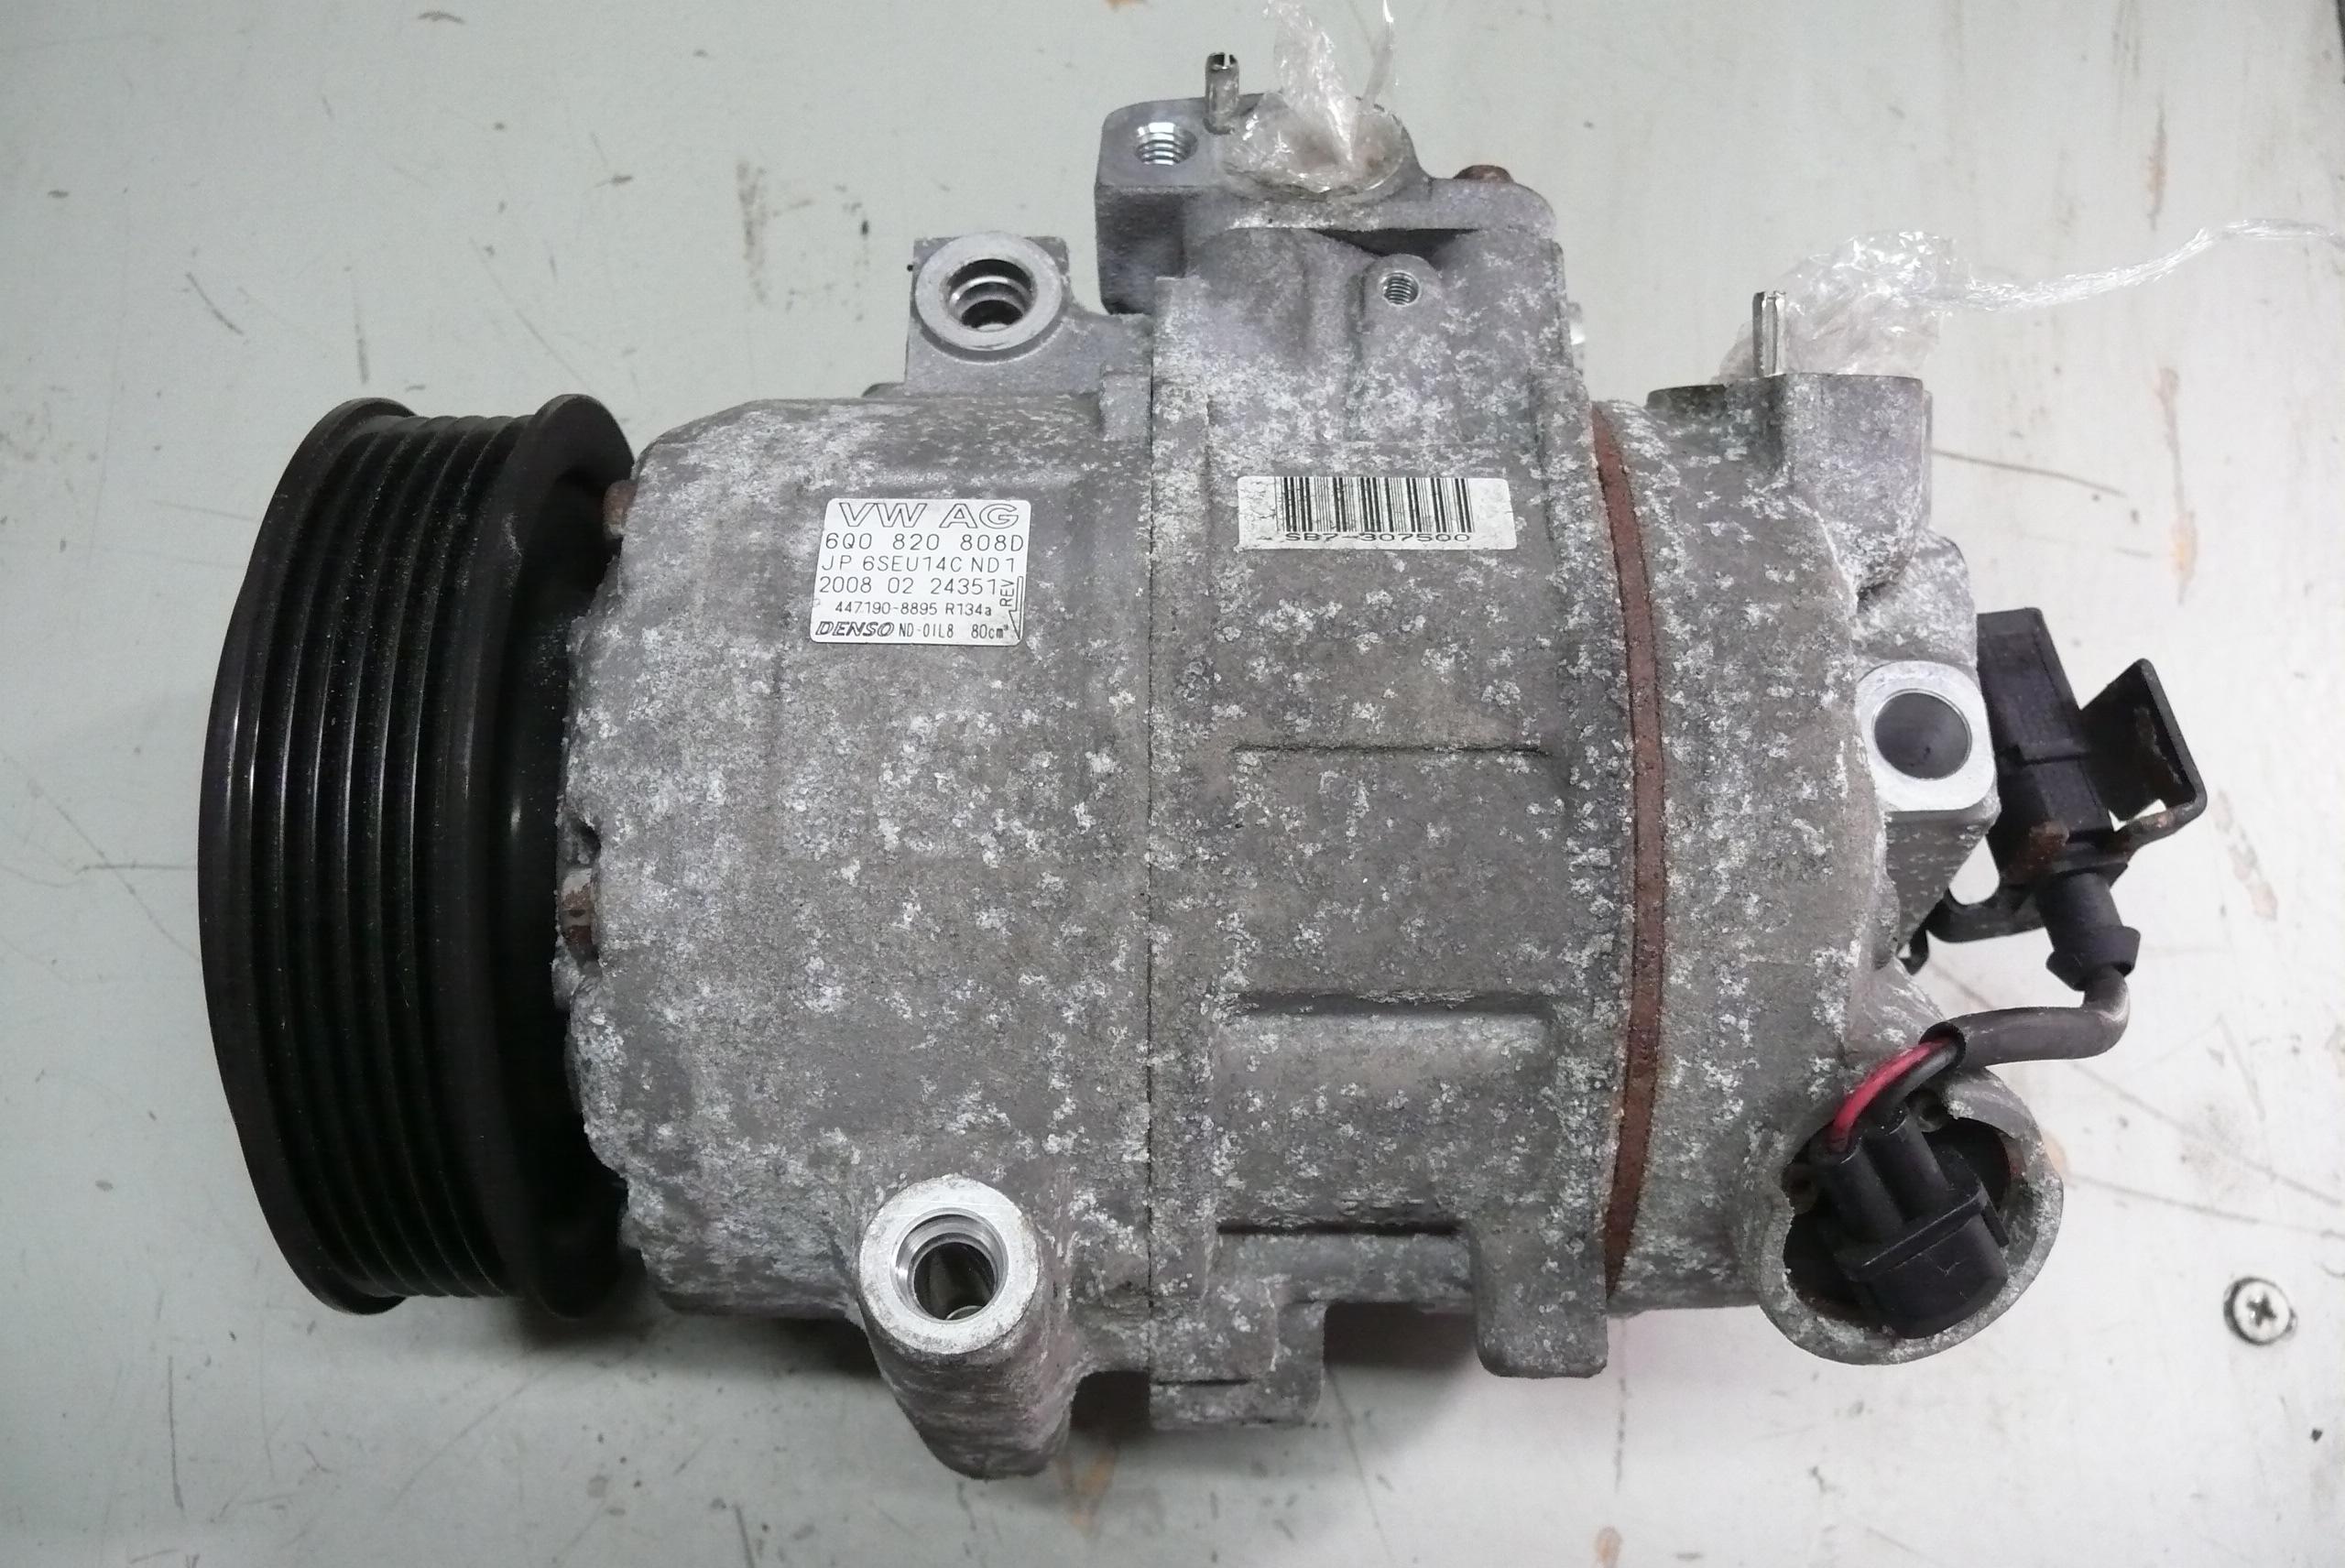 Kompresor Sprarka Vw Seat Skoda Audi 6q0820808d 7391336858 Polo Denso